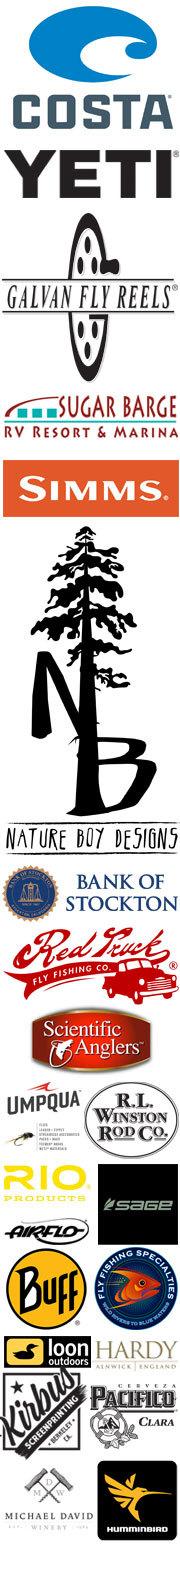 newsletter sidebar sponsors